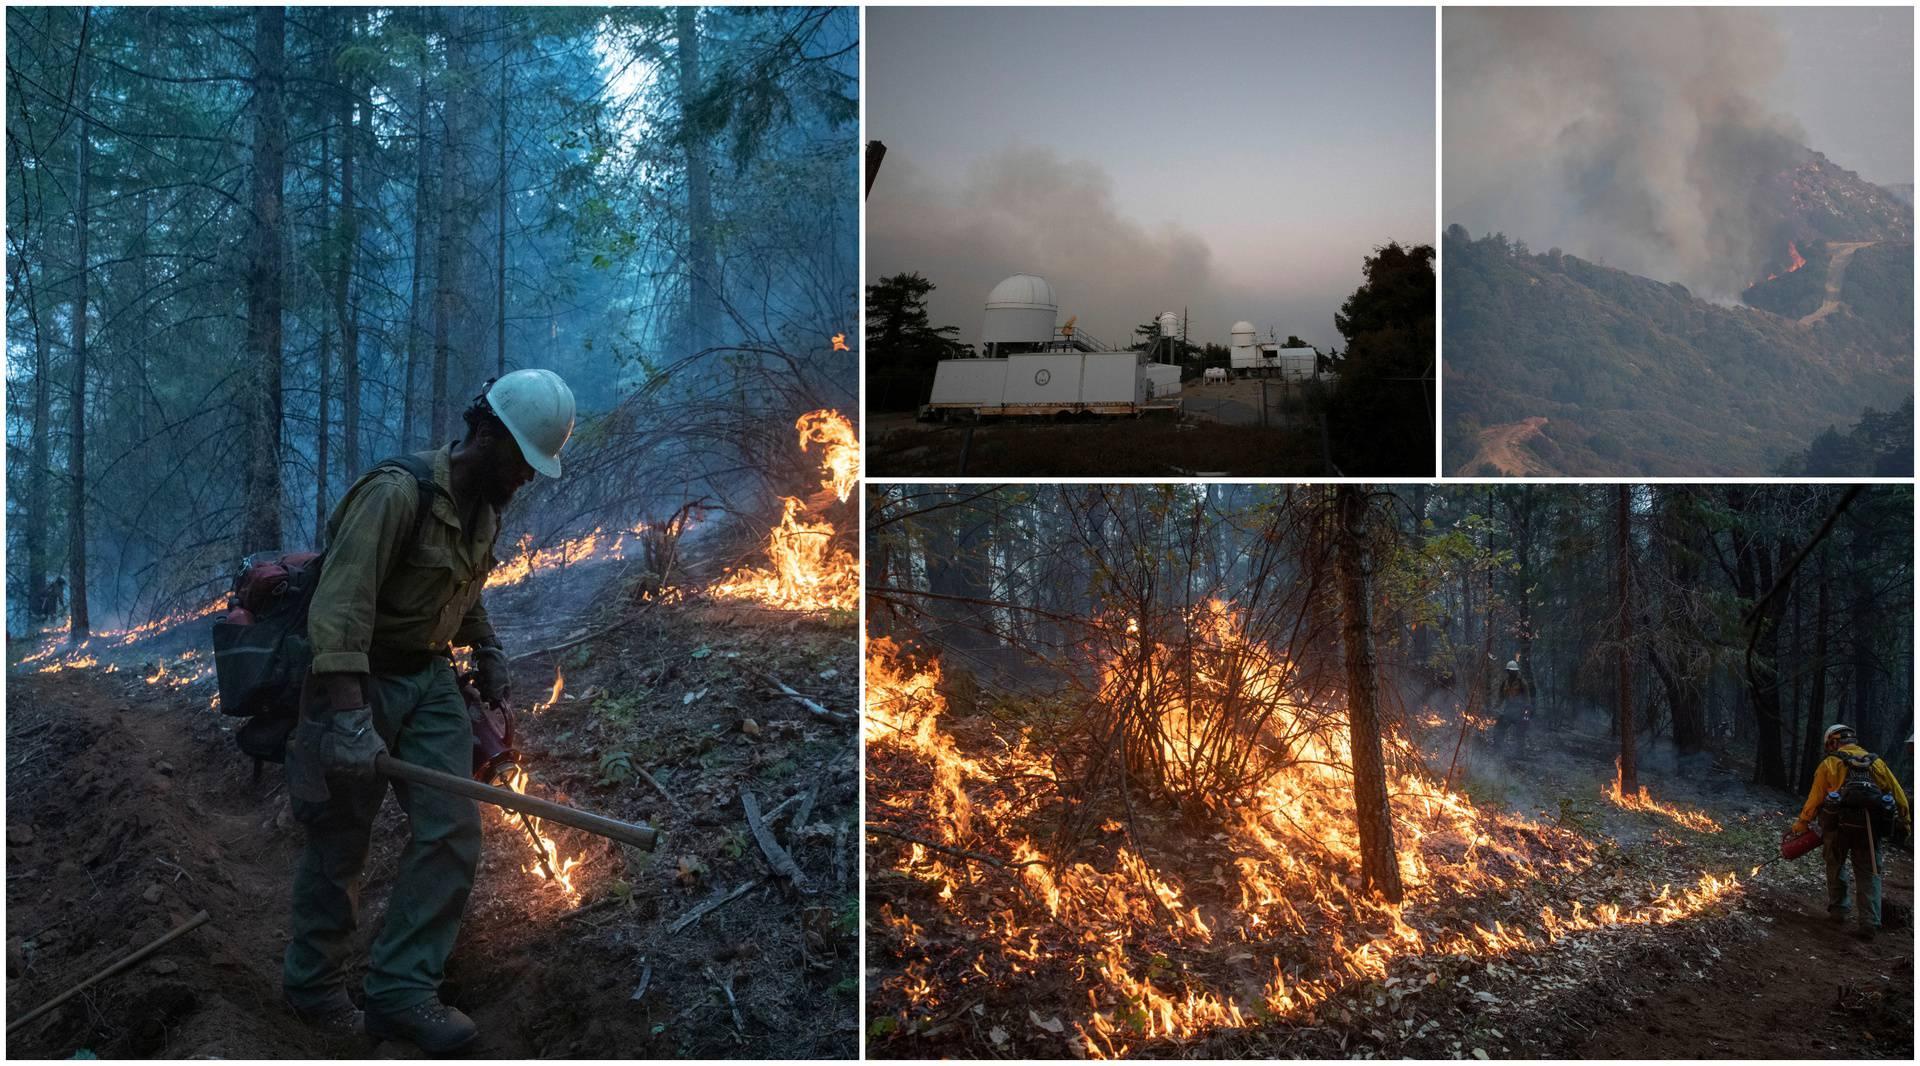 Požar prijetio i poznatom opservatoriju u okolici LA-a, žeravicu gasili buldožderom